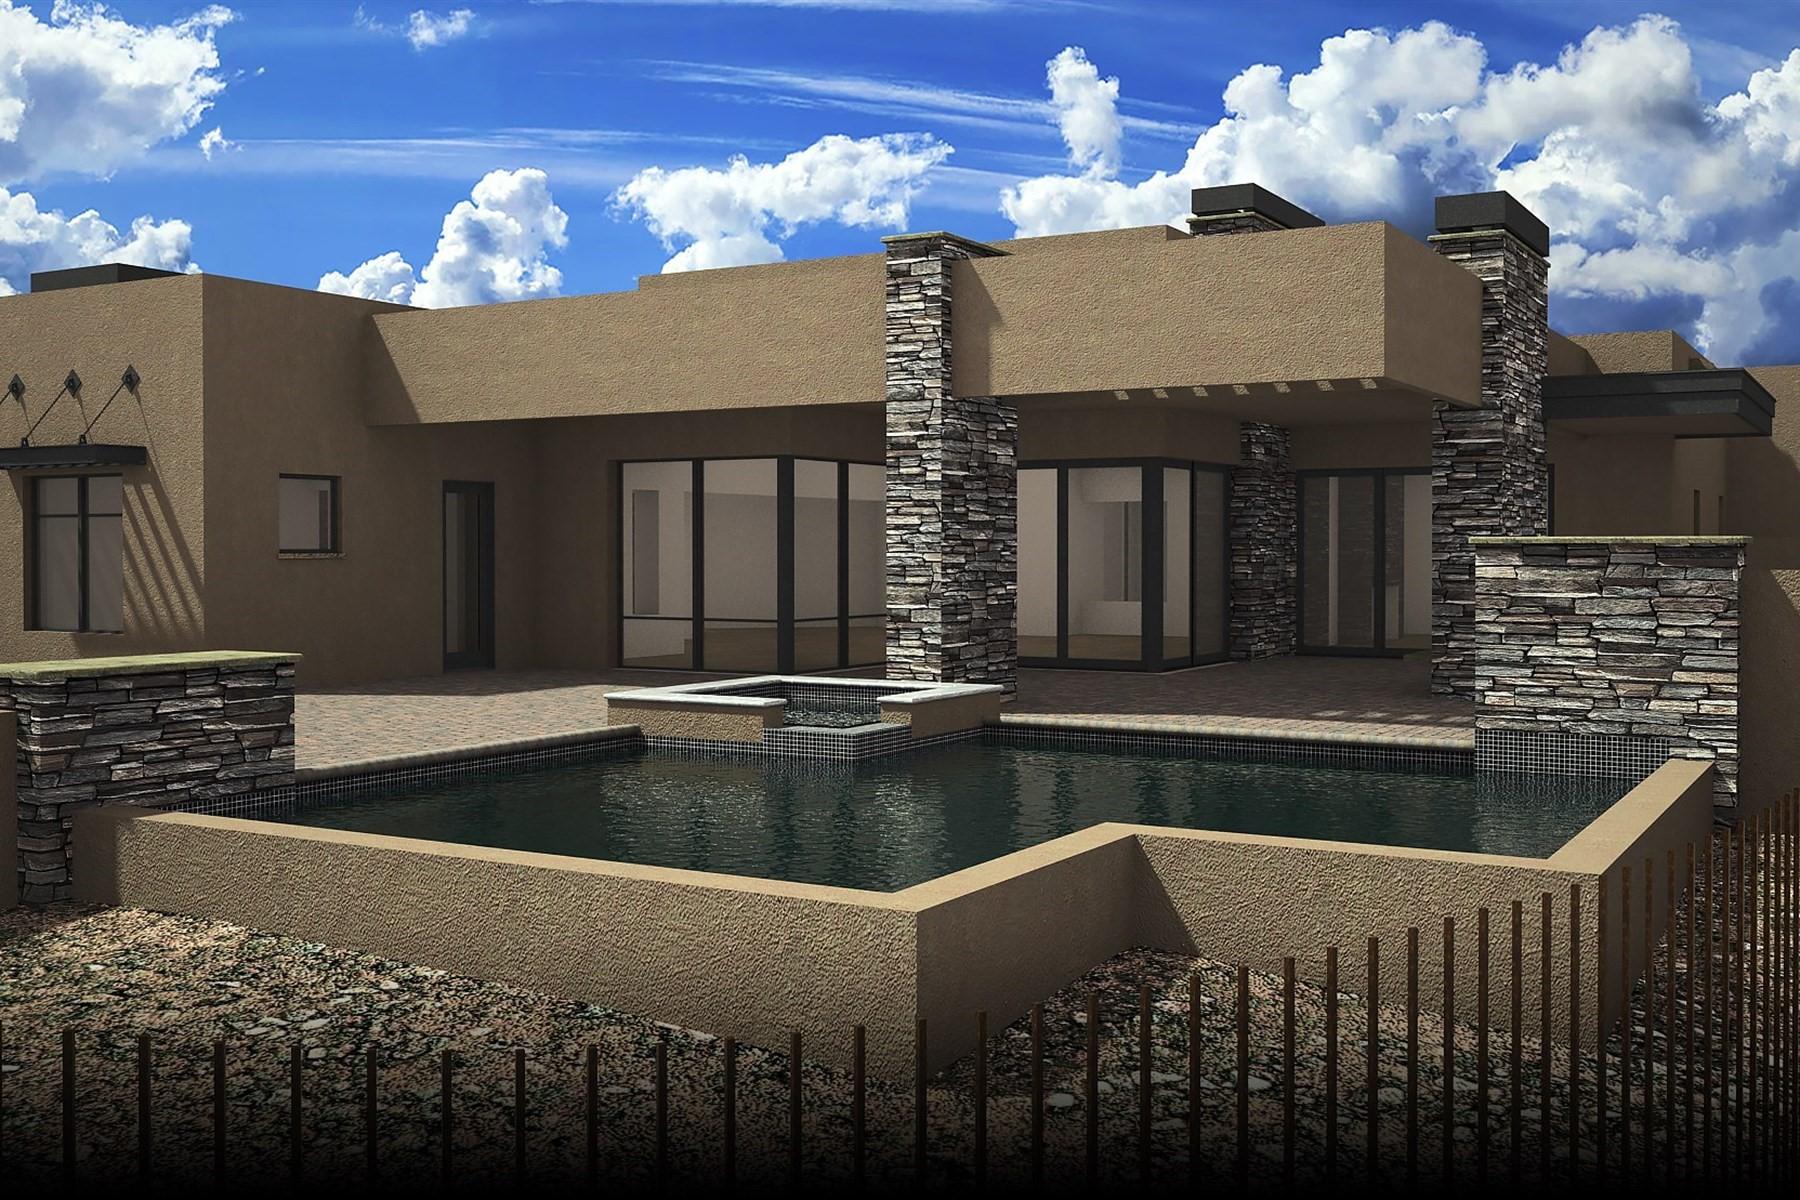 独户住宅 为 销售 在 Scottsdale Desert Contemporary 37597 N 92nd Pl, 斯科茨代尔, 亚利桑那州, 85262 美国